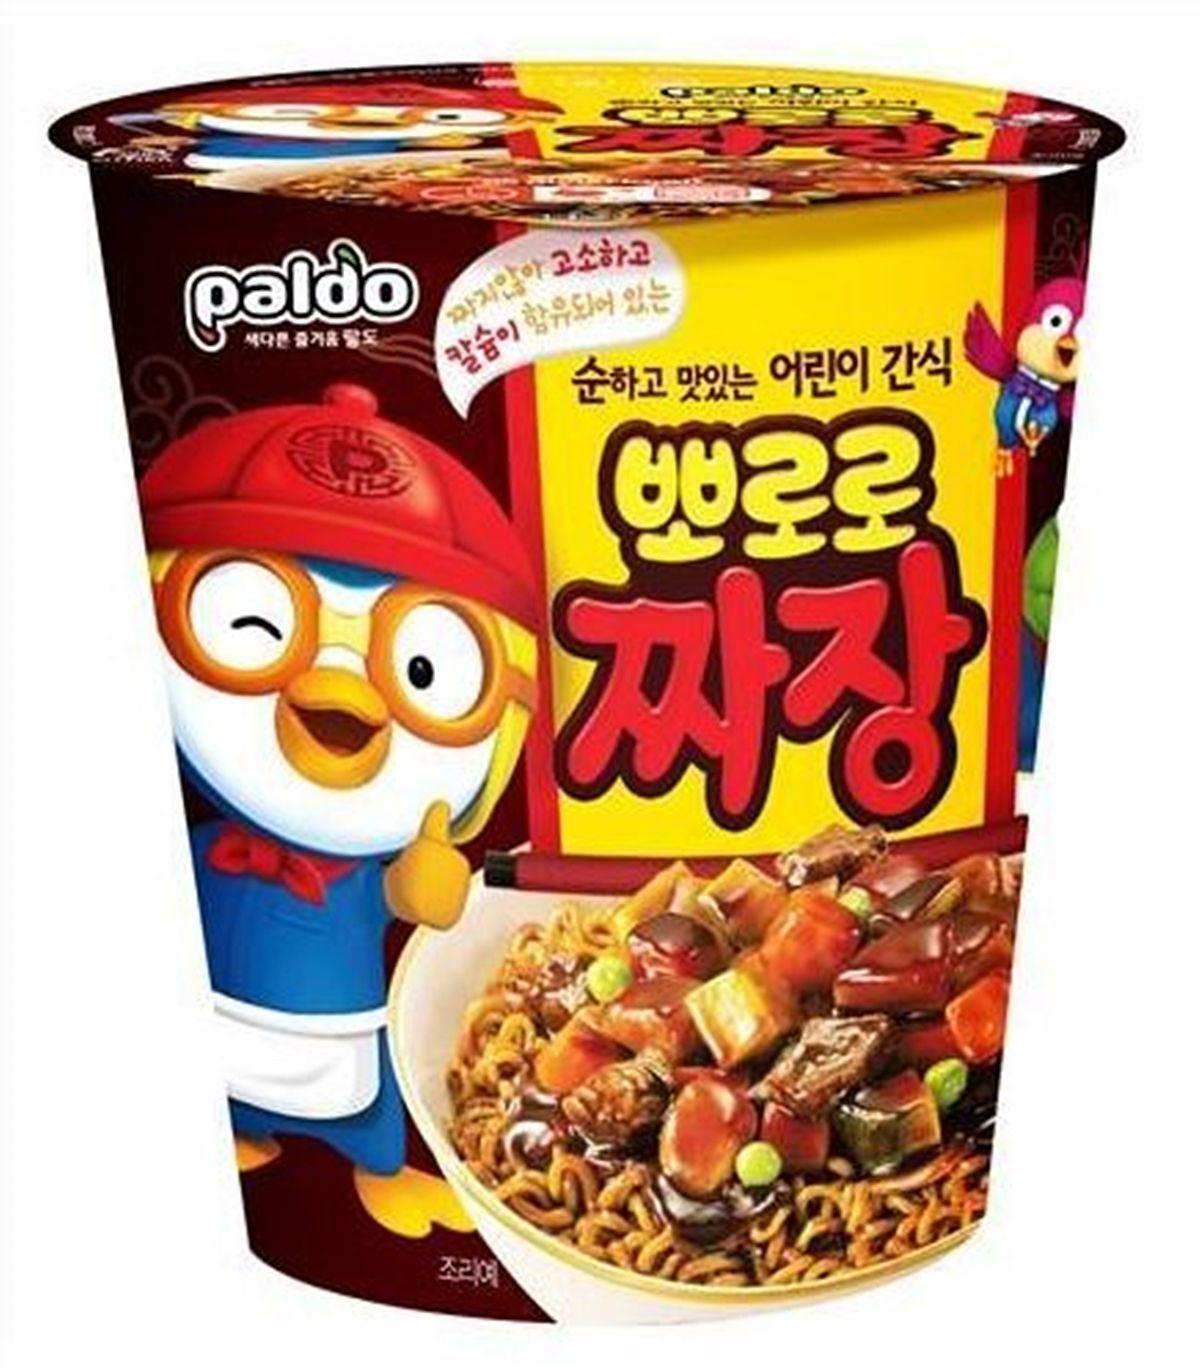 Mì tương đen RoRo PALDO Hàn Quốc